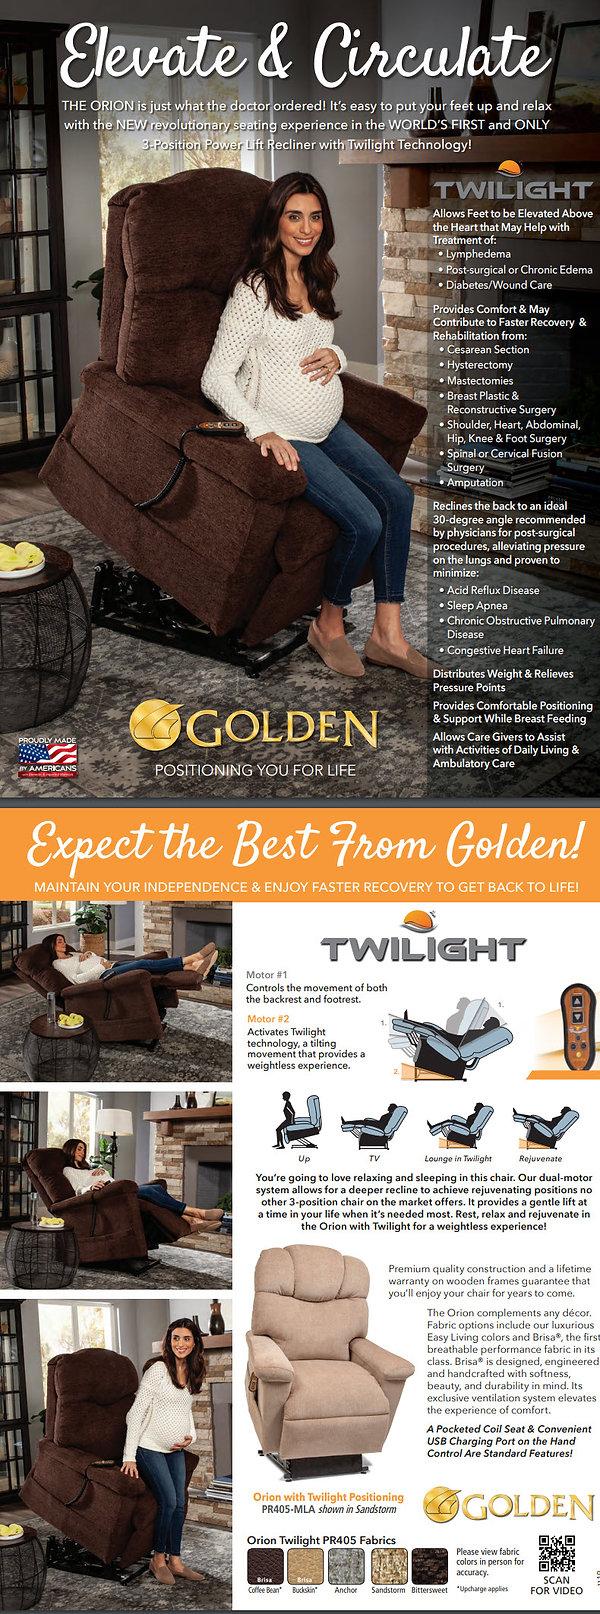 GOLDEN405SALES.jpg